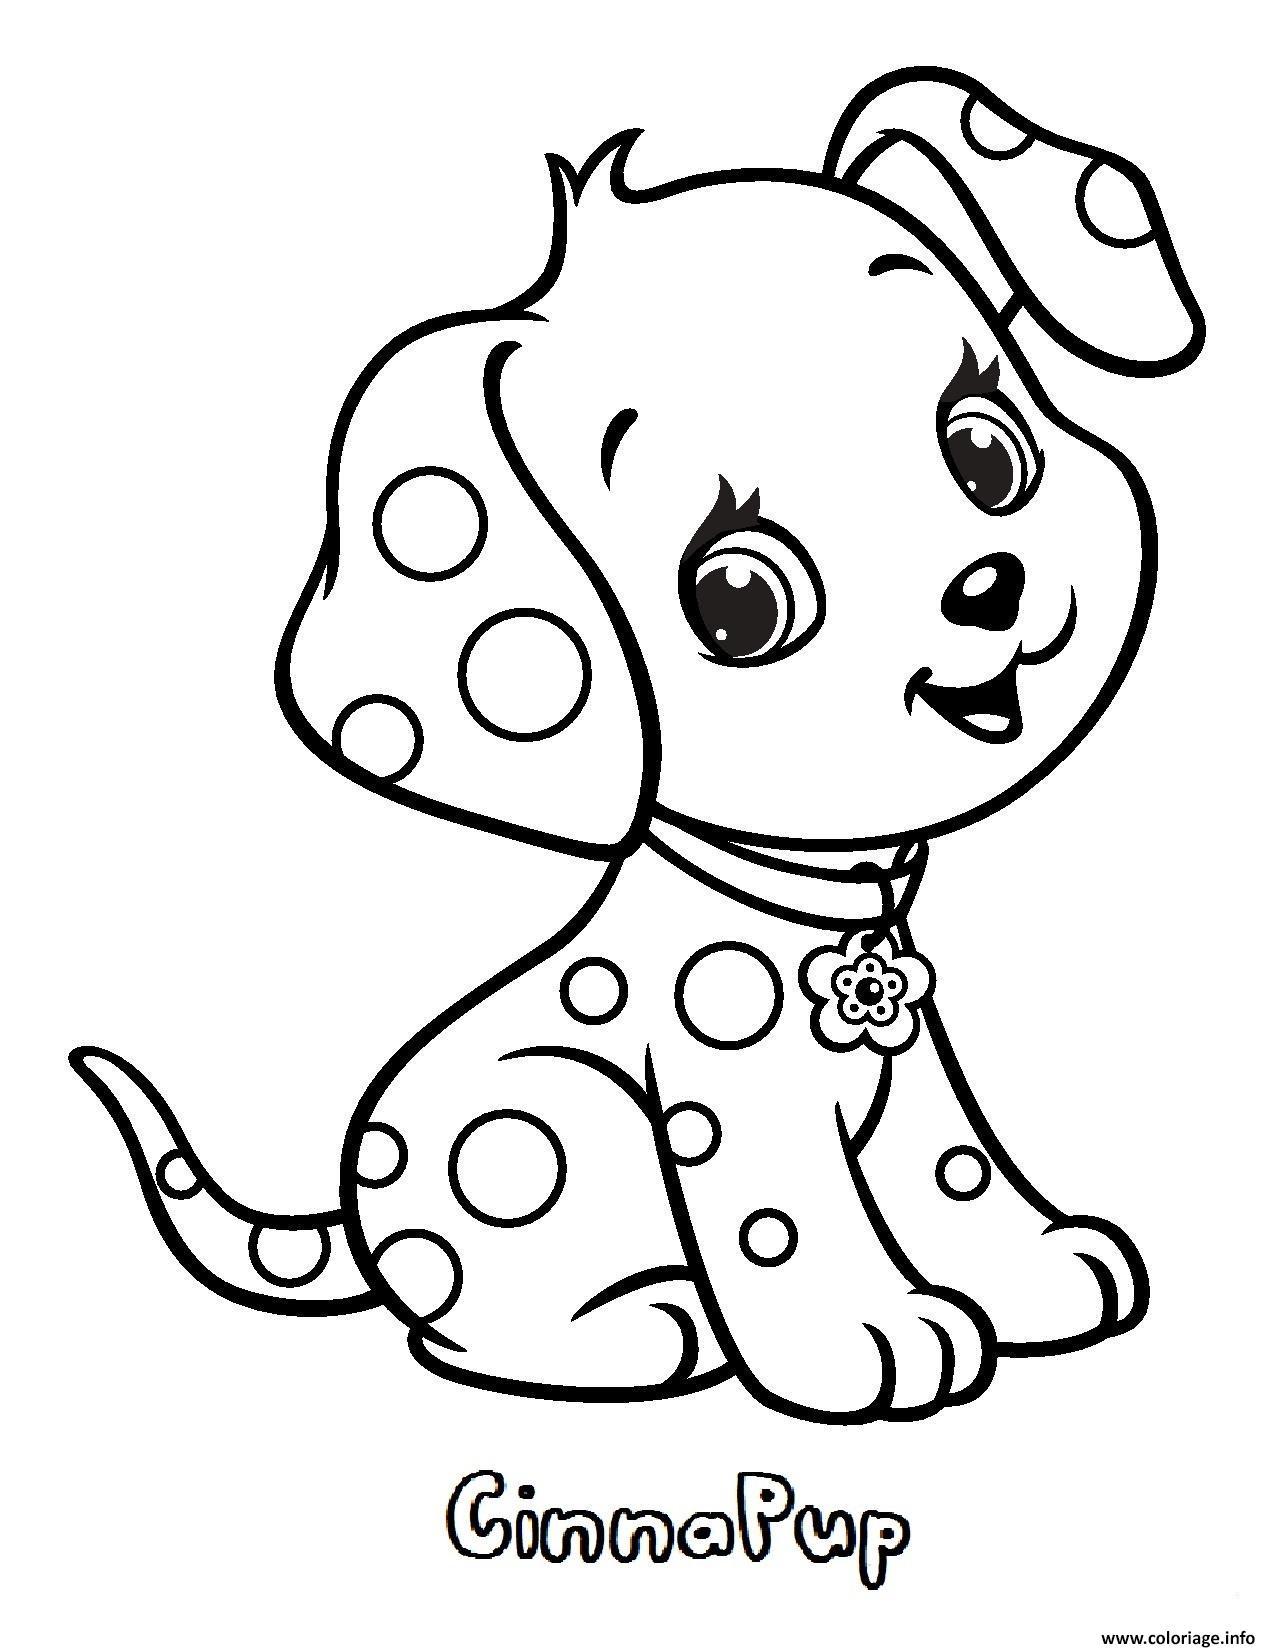 Coloriage chien cinnapup fraisinette animaux - Coloriage de chien ...